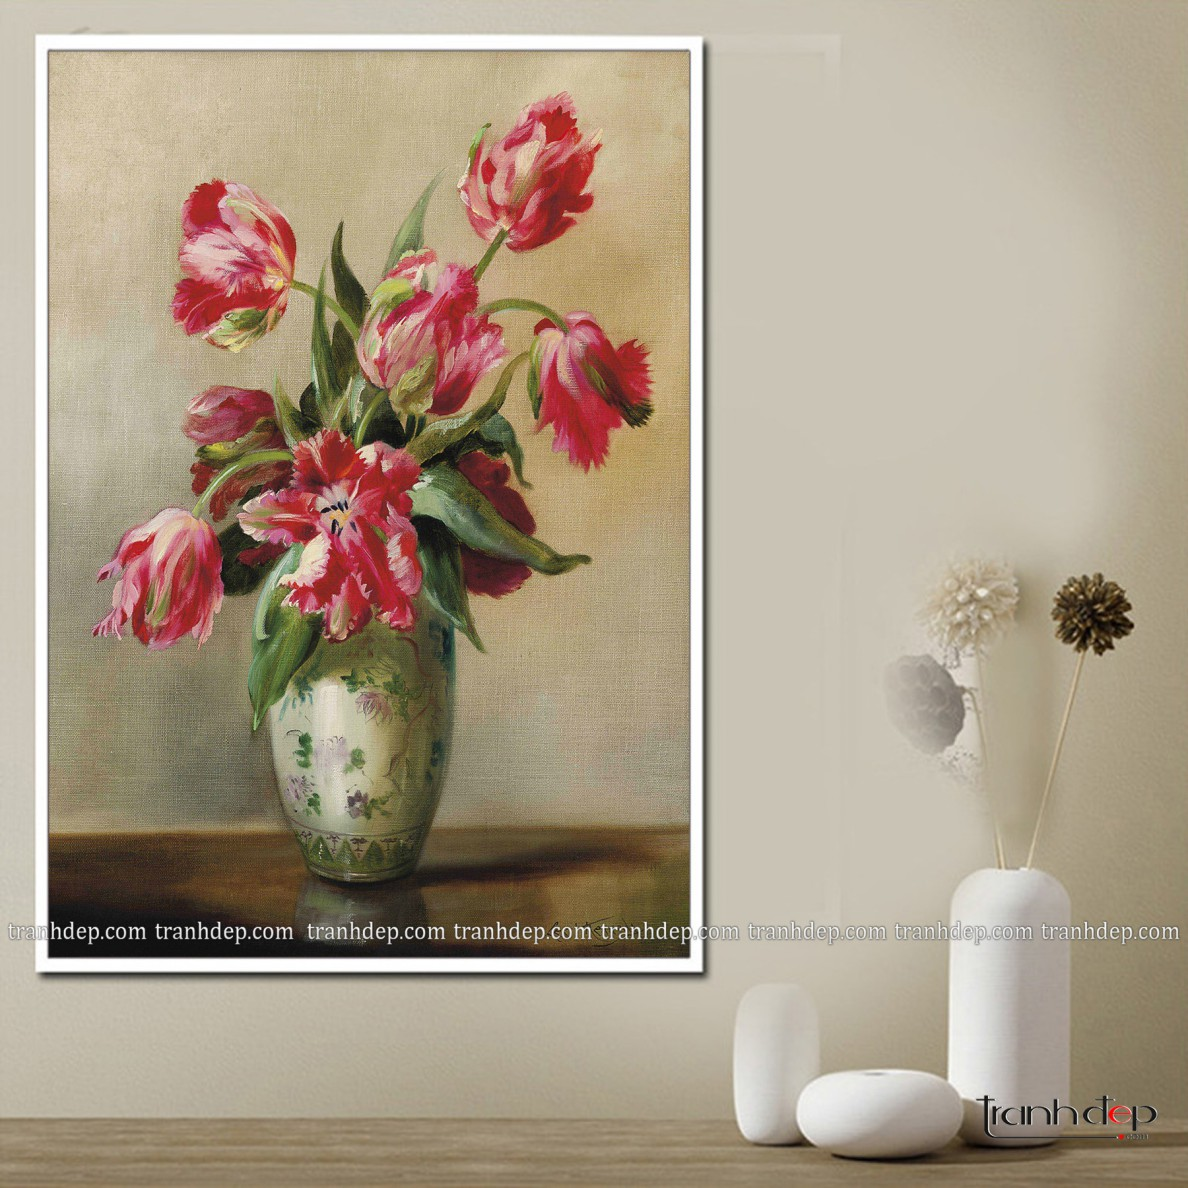 tranh tulip màu đỏ